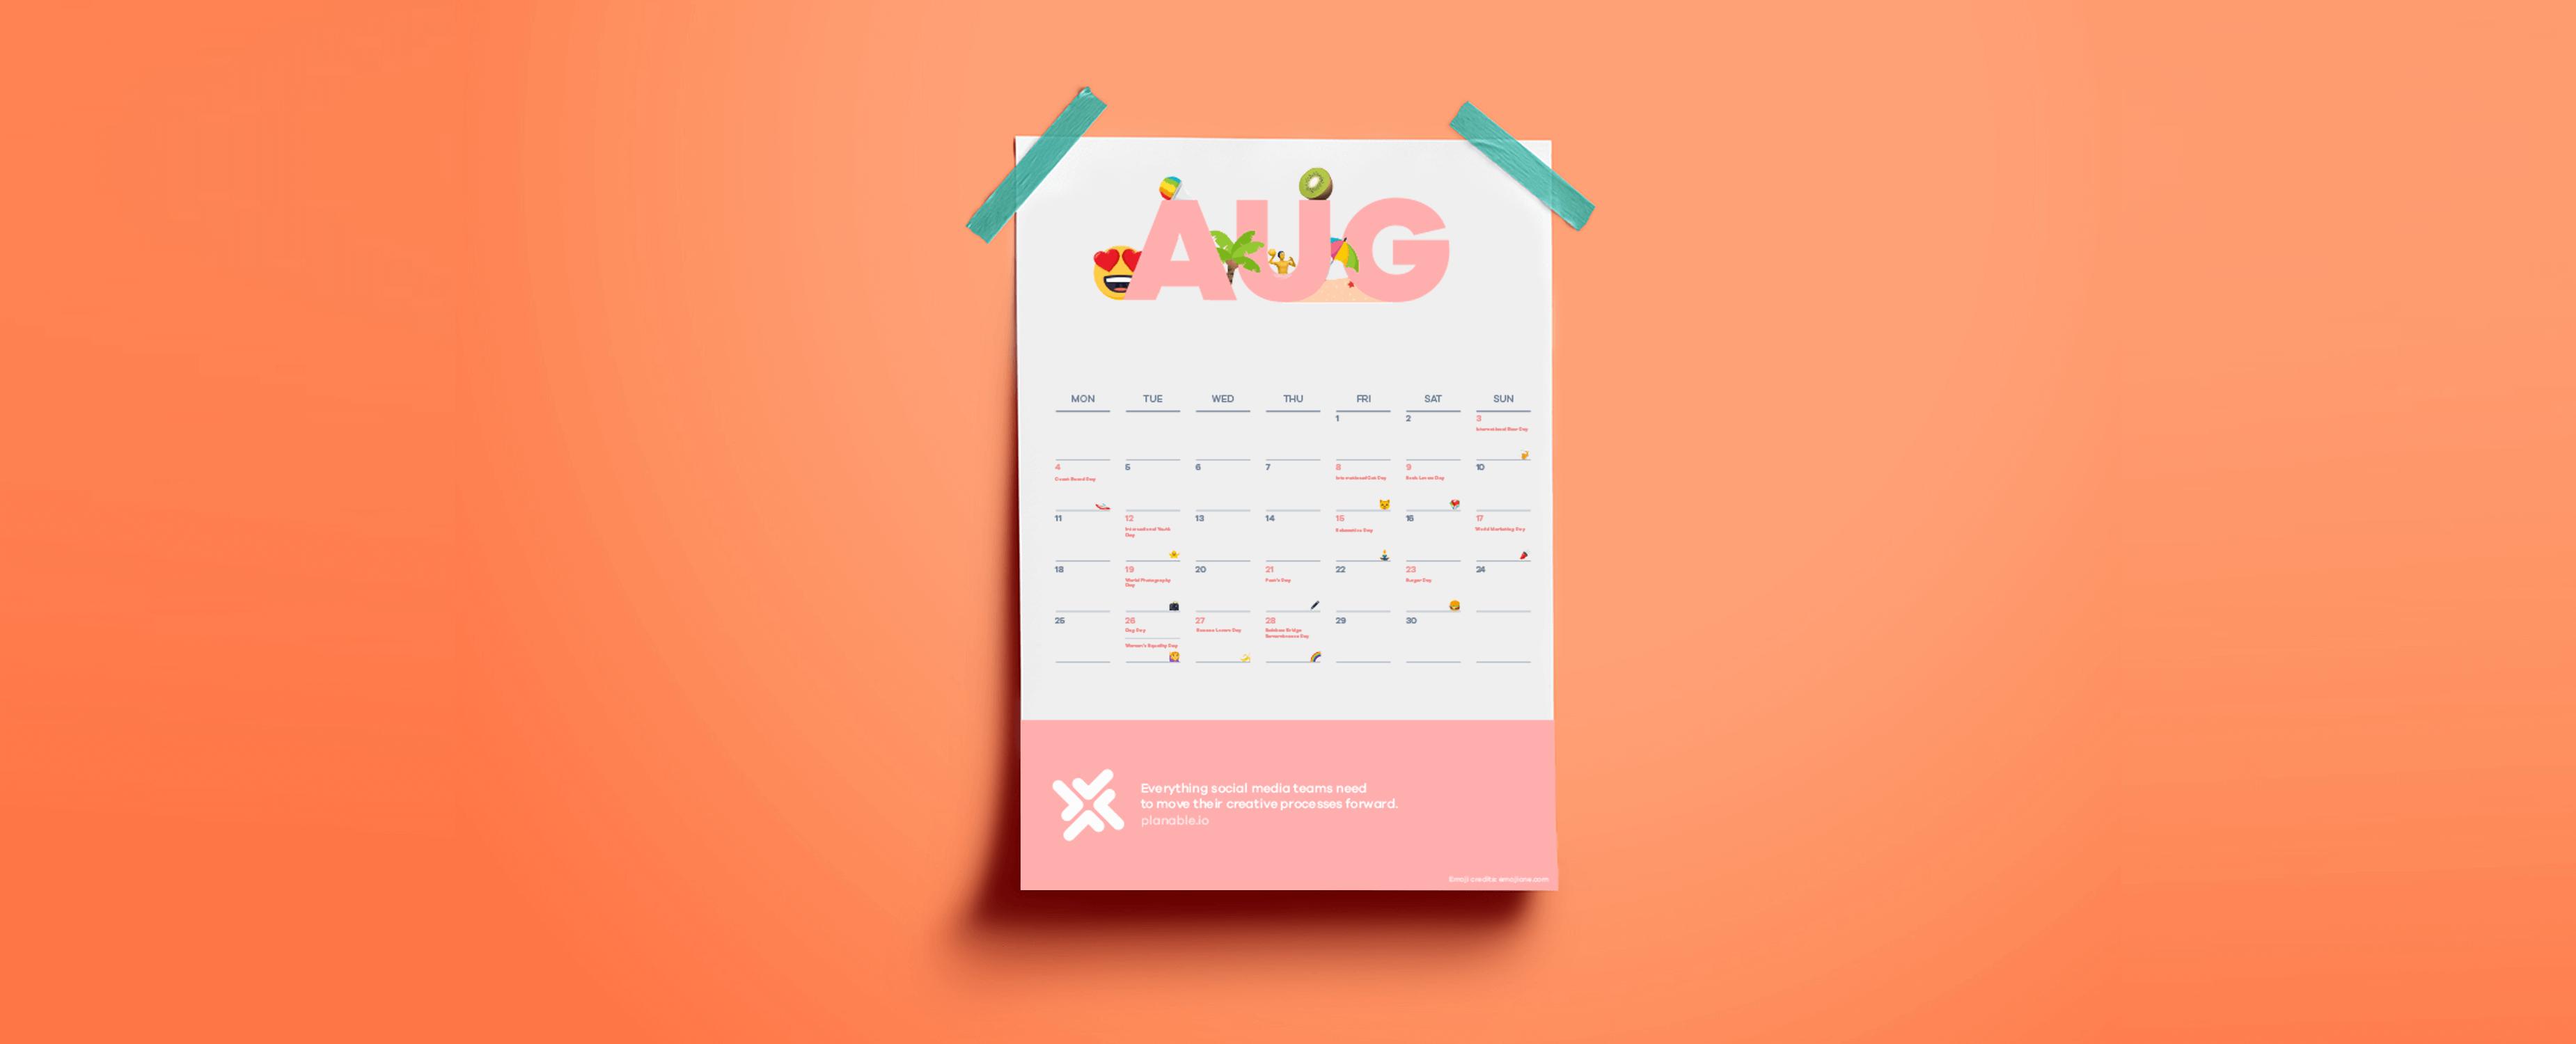 EmojiCalendar – Social Media Calendar of All the Summer Events